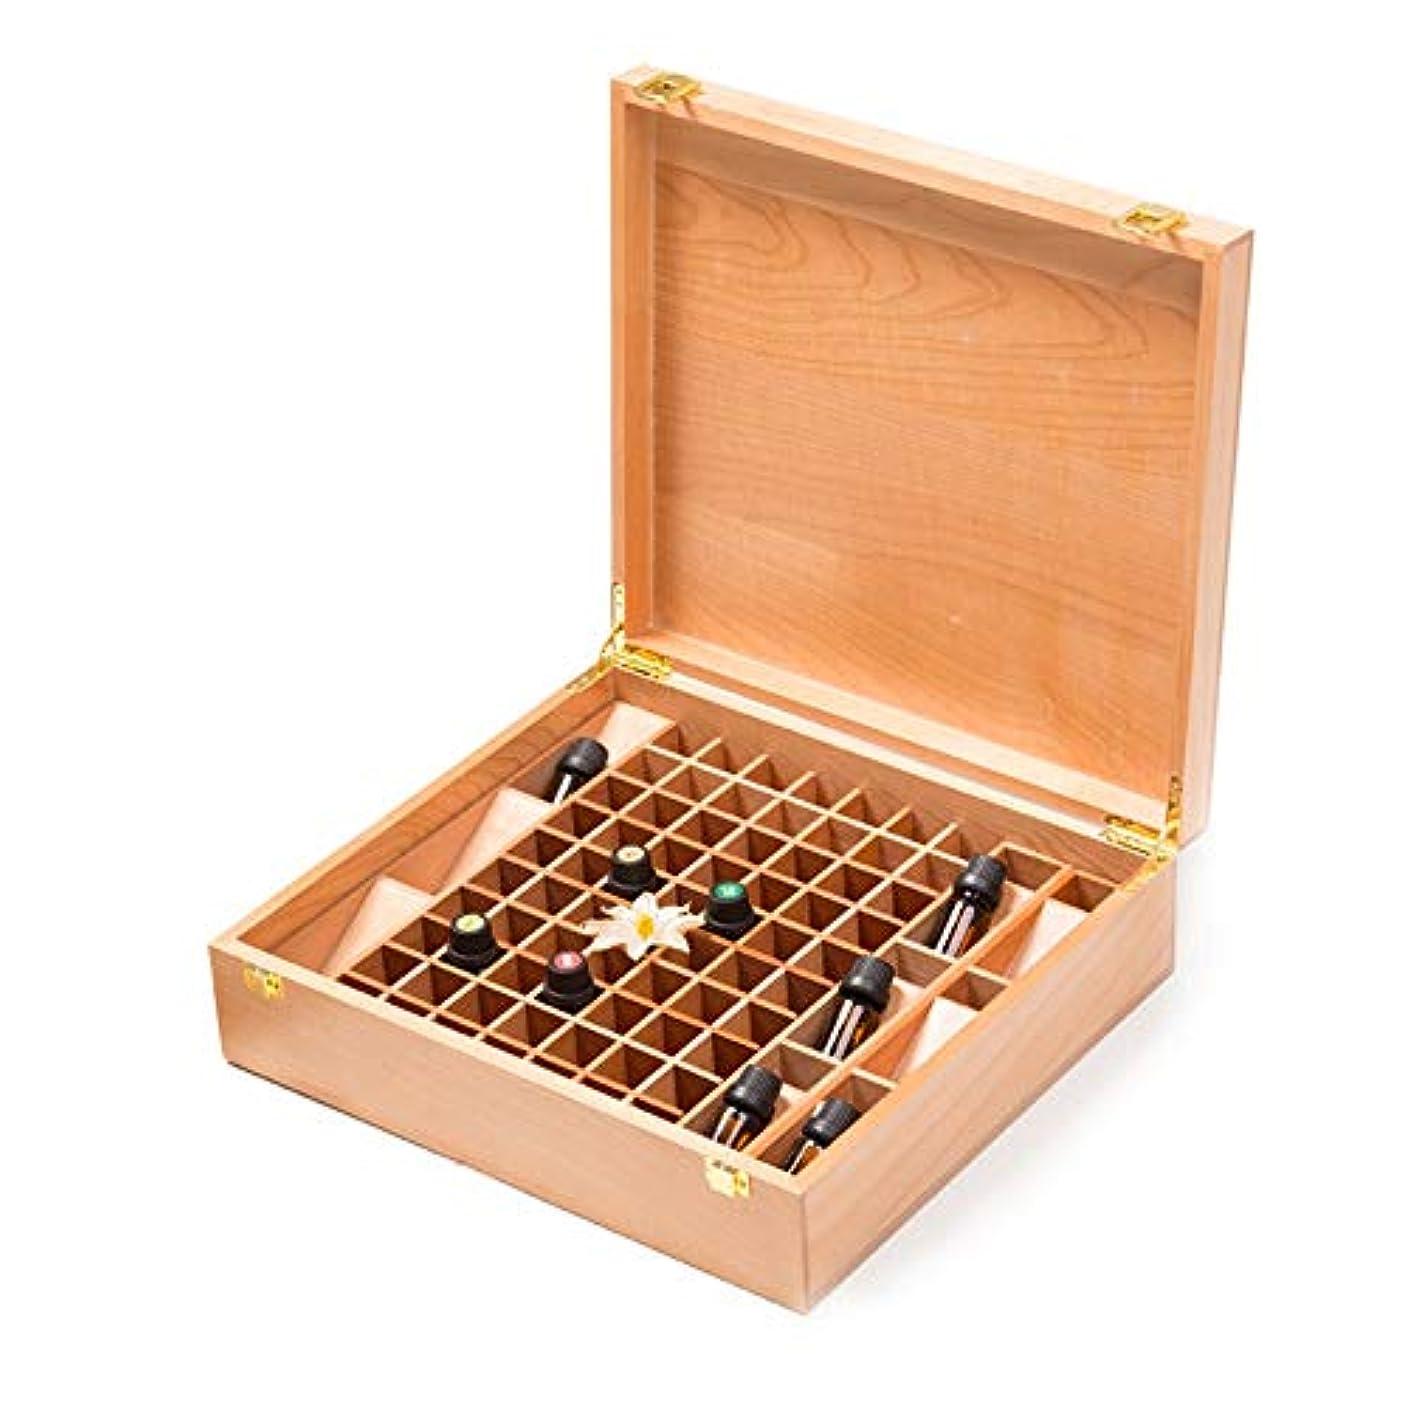 アパートトラフ男らしい手作りの木製エッセンシャルオイルストレージボックスパーフェクトエッセンシャルオイルのケースは、70の油のボトルを保持します アロマセラピー製品 (色 : Natural, サイズ : 44X31.5X10.5CM)